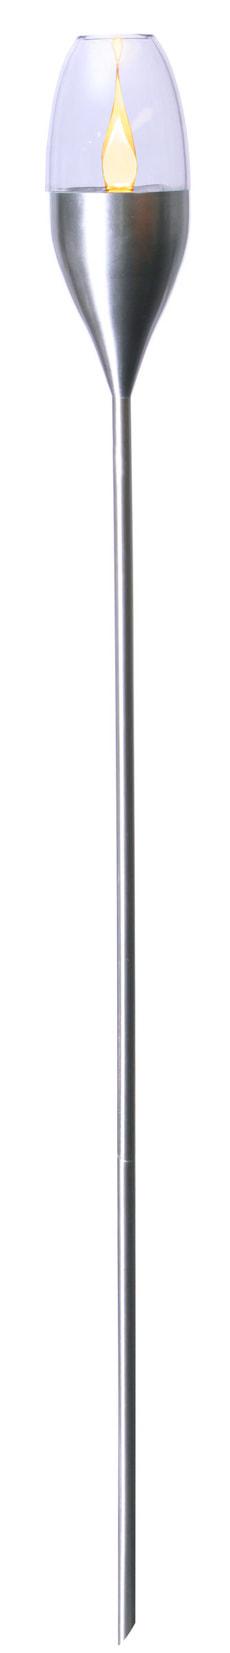 LED Solarlampe Fackel Edelstahl